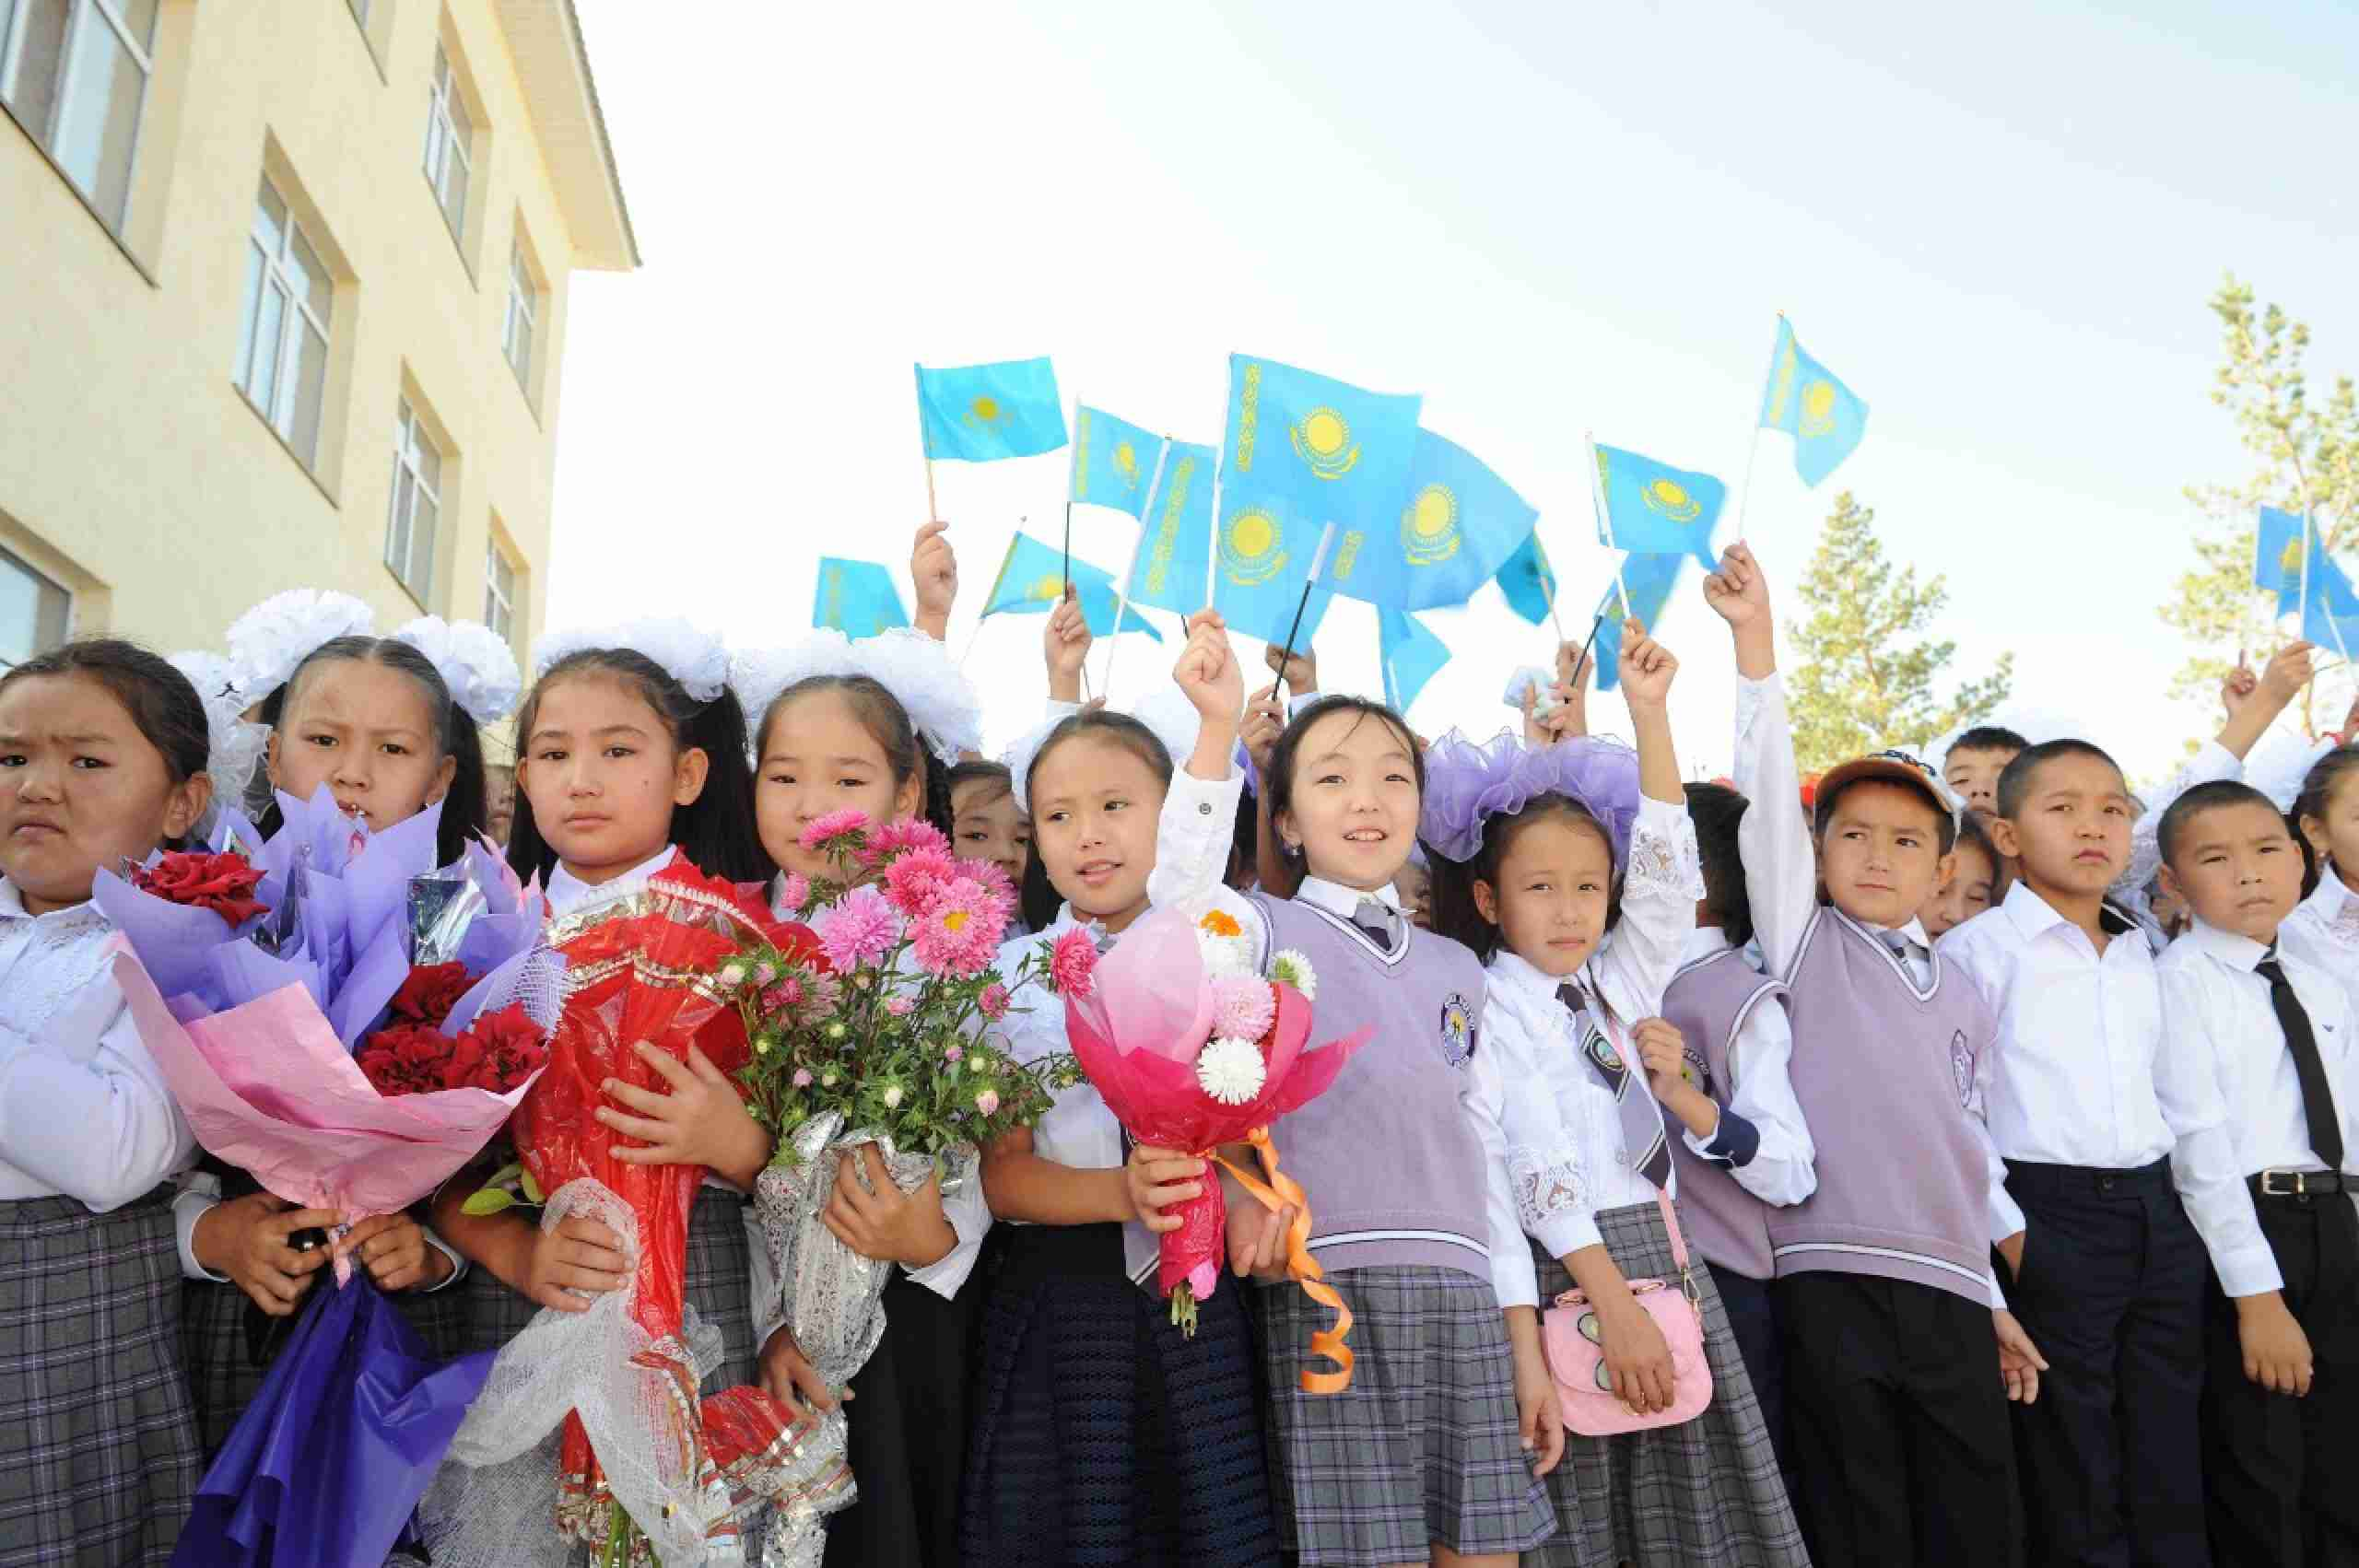 Образование в Казахстане: как будут оценивать знания школьников